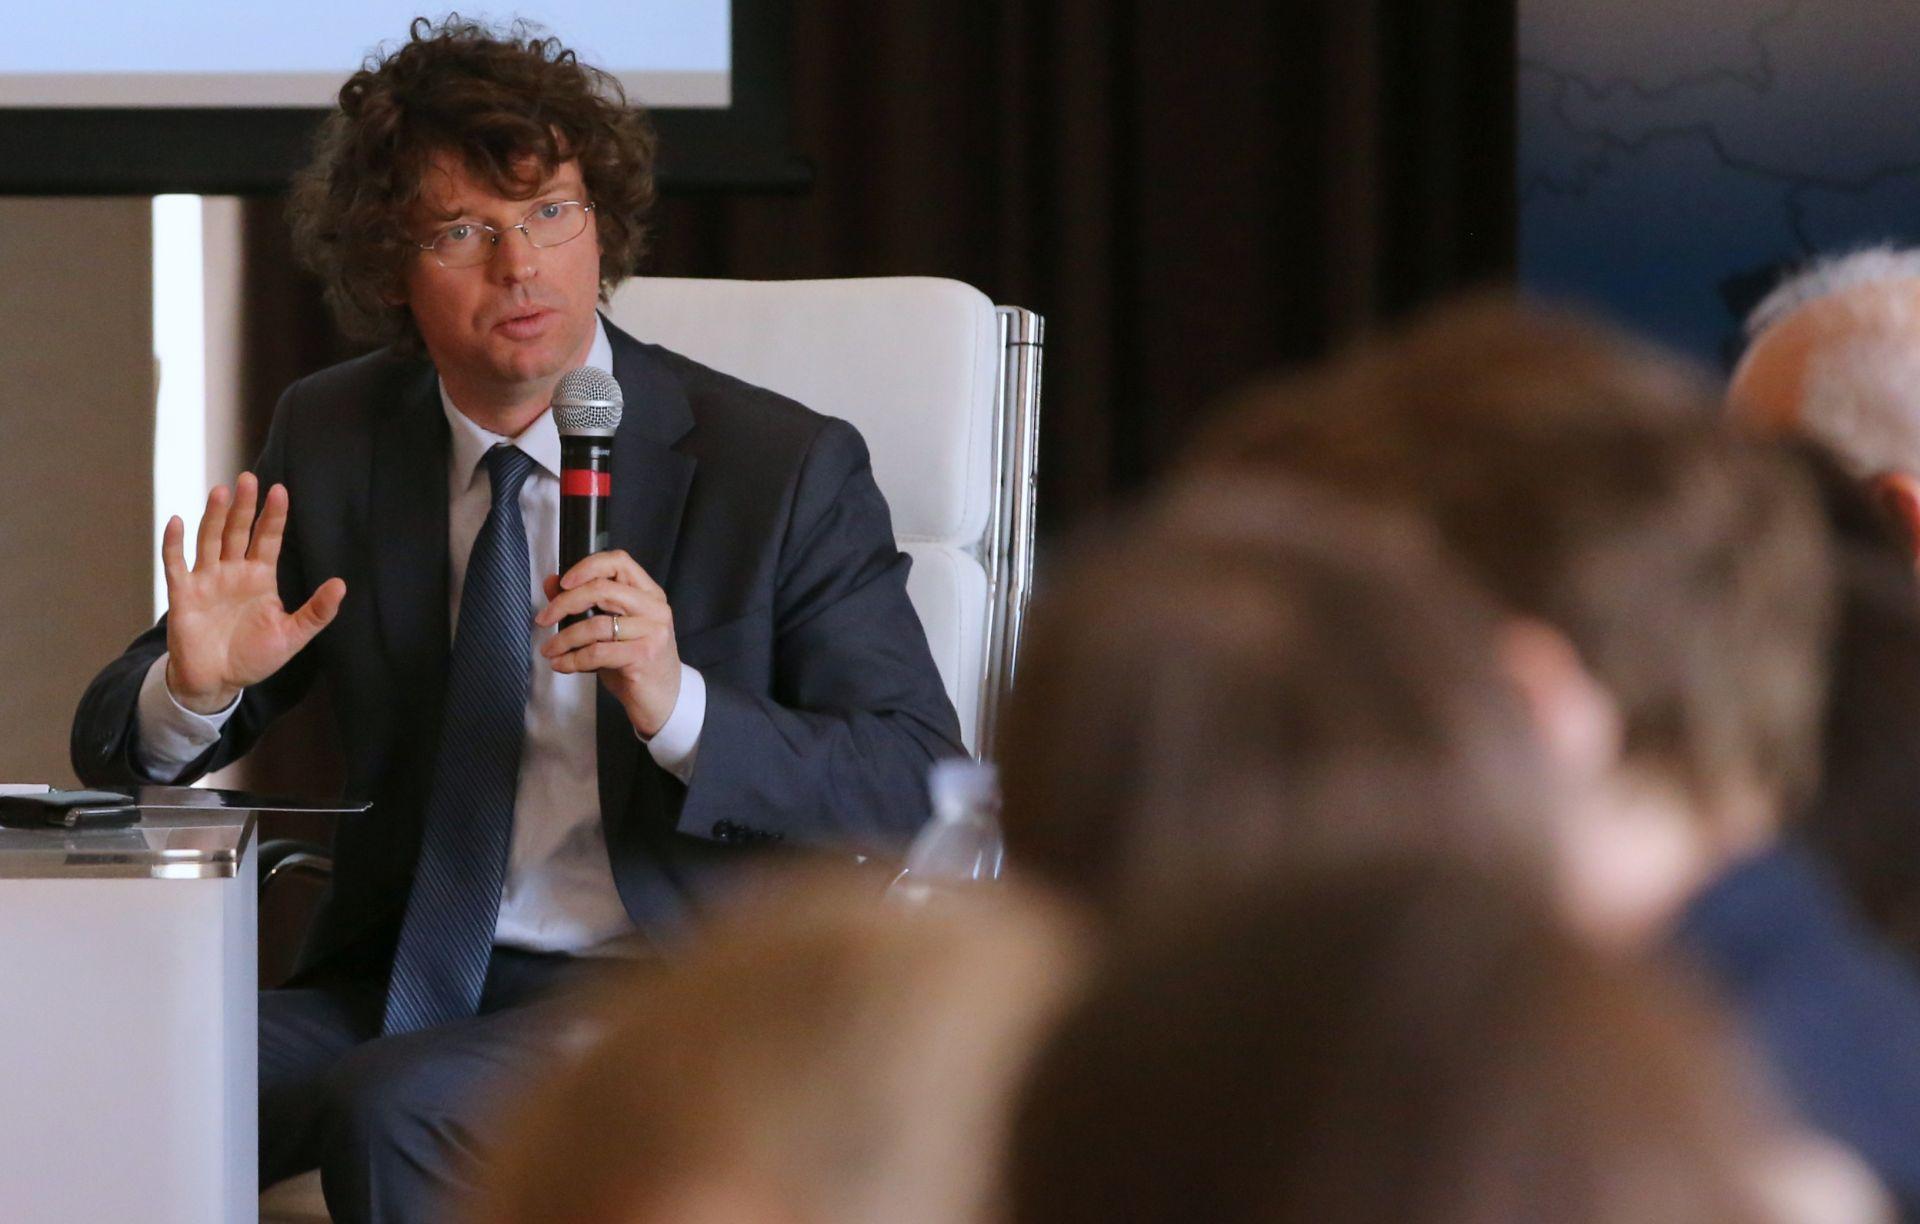 RADIONICA: Svjetska banka i Ministarstvo o nužnim promjenama financiranja visokog obrazovanja